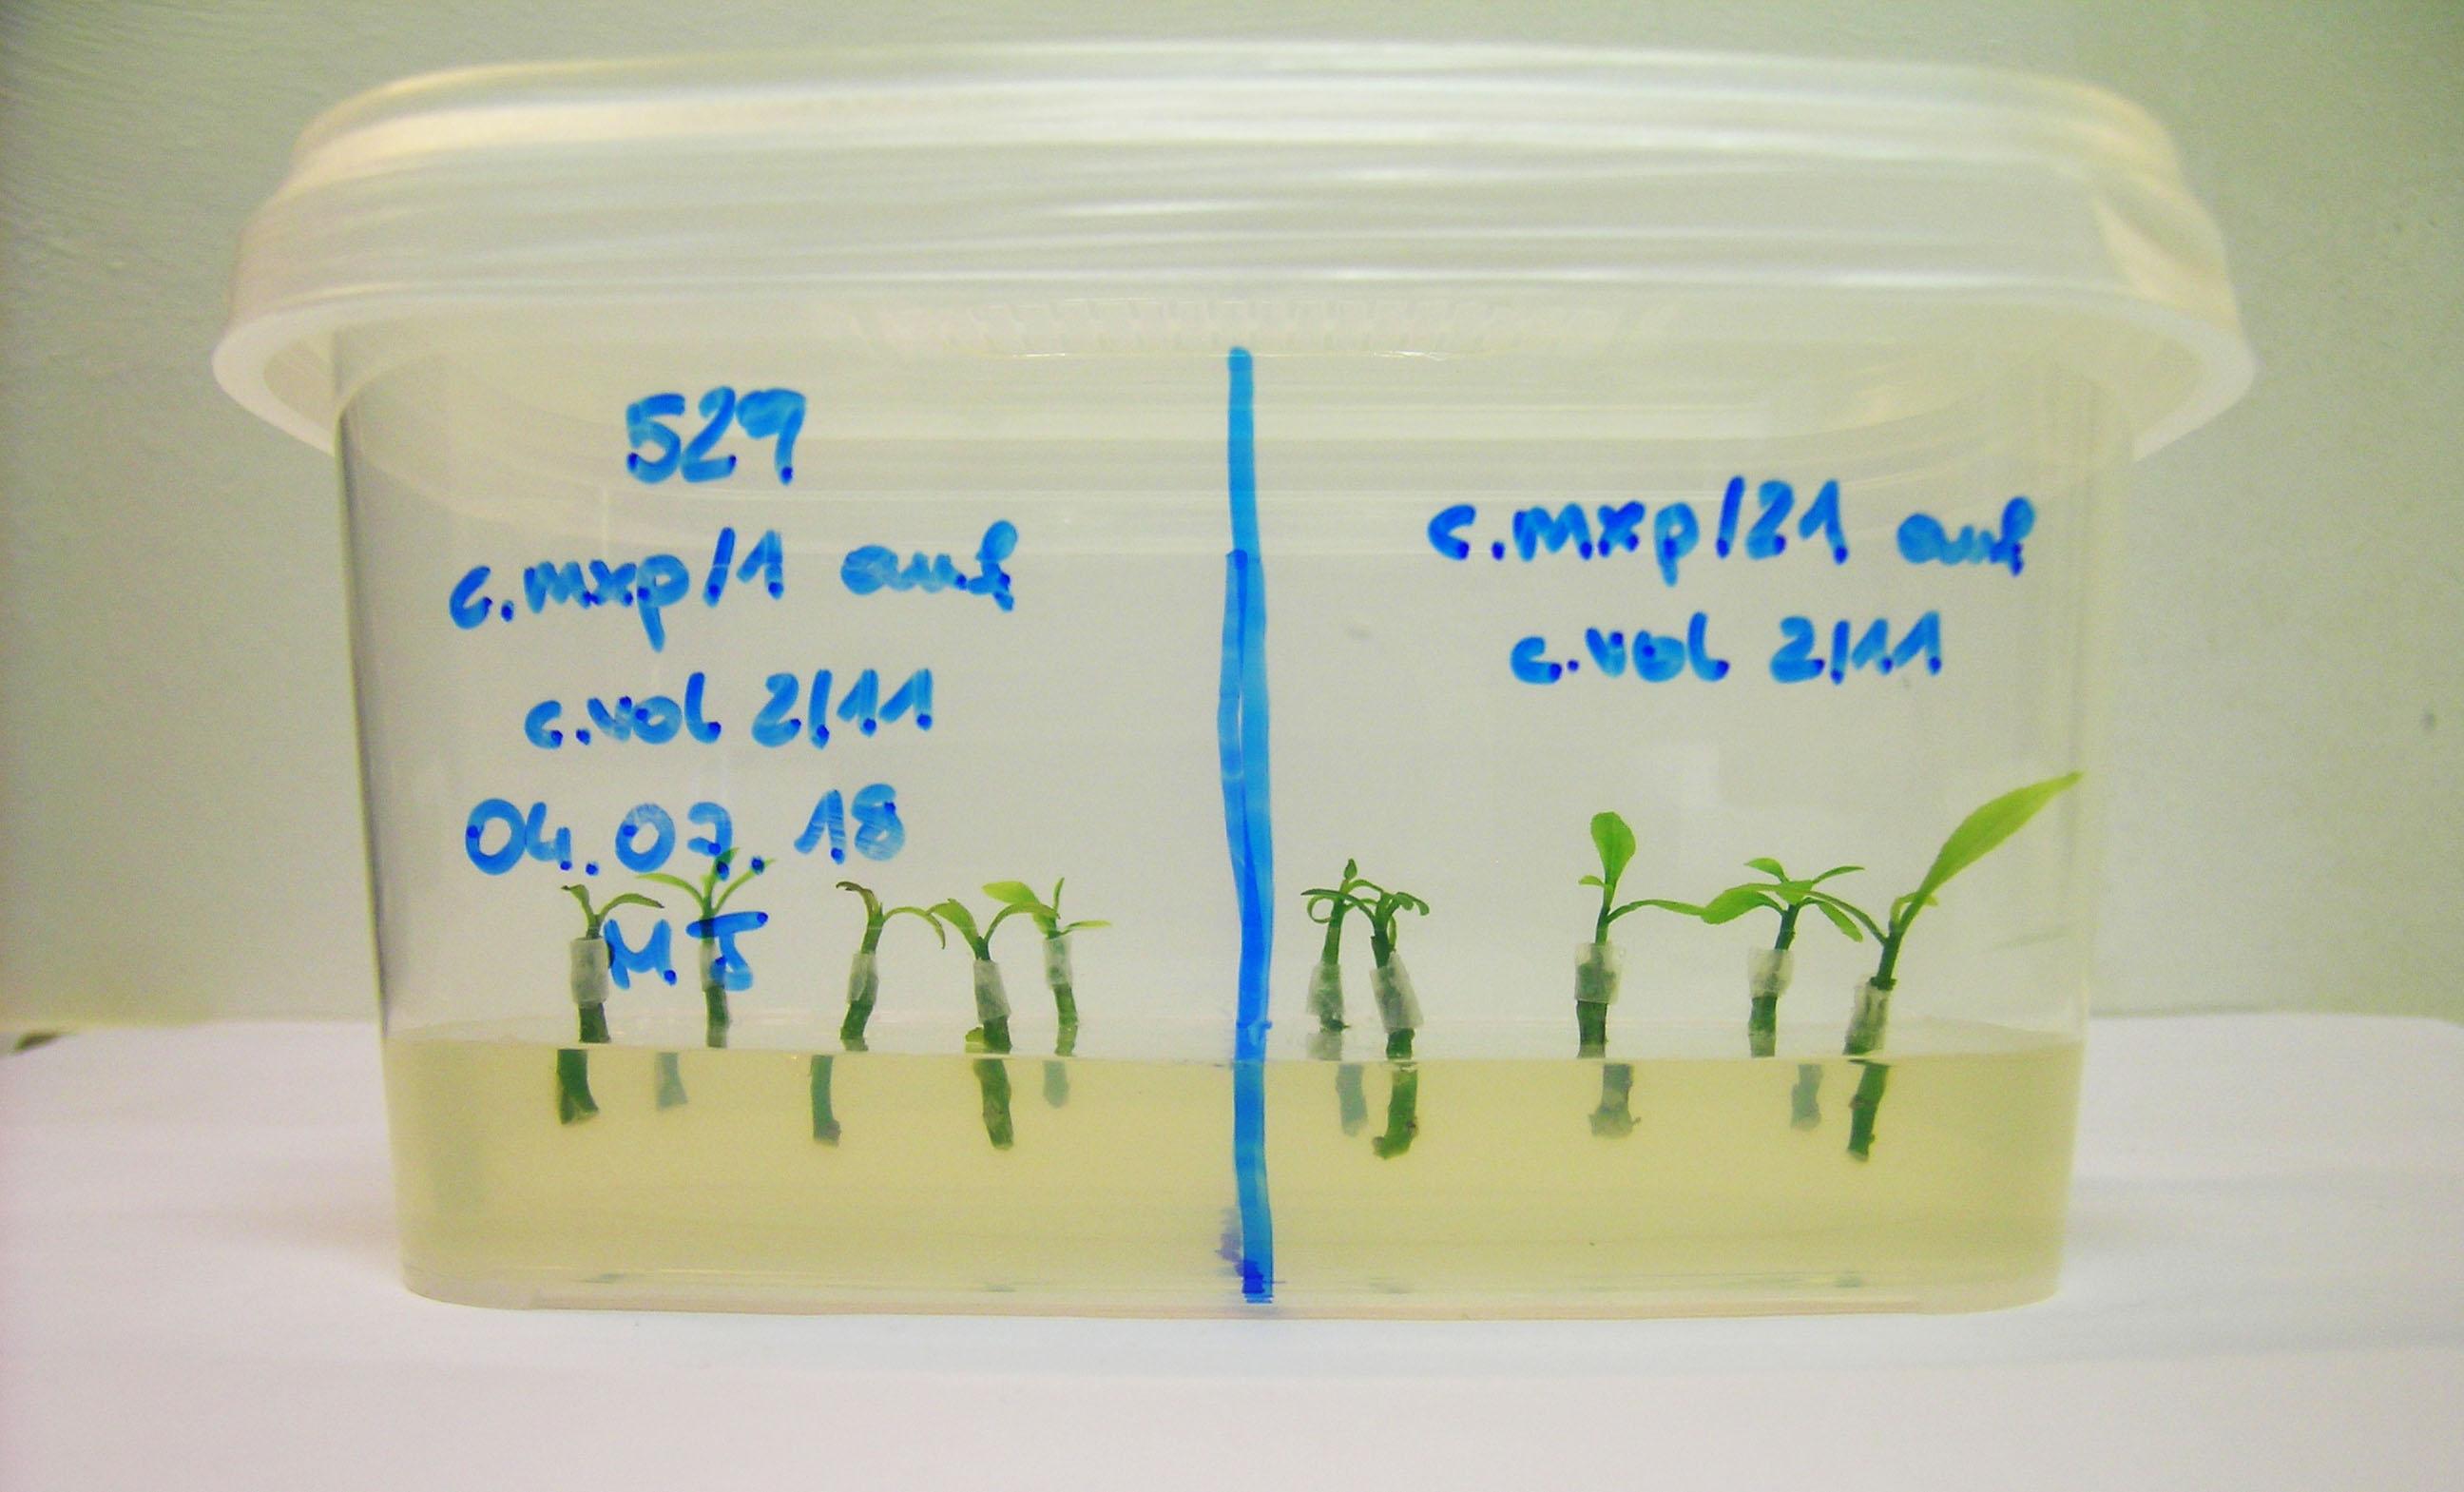 Bewurzelungsbox mit Veredelungen. Das Bild zeigt je 5 veredelte Mikrostecklinge der Subklone 1 und 21 auf einem gelierten Bewurzelungsnährboden. Die Veredelungsstelle ist versiegelt.